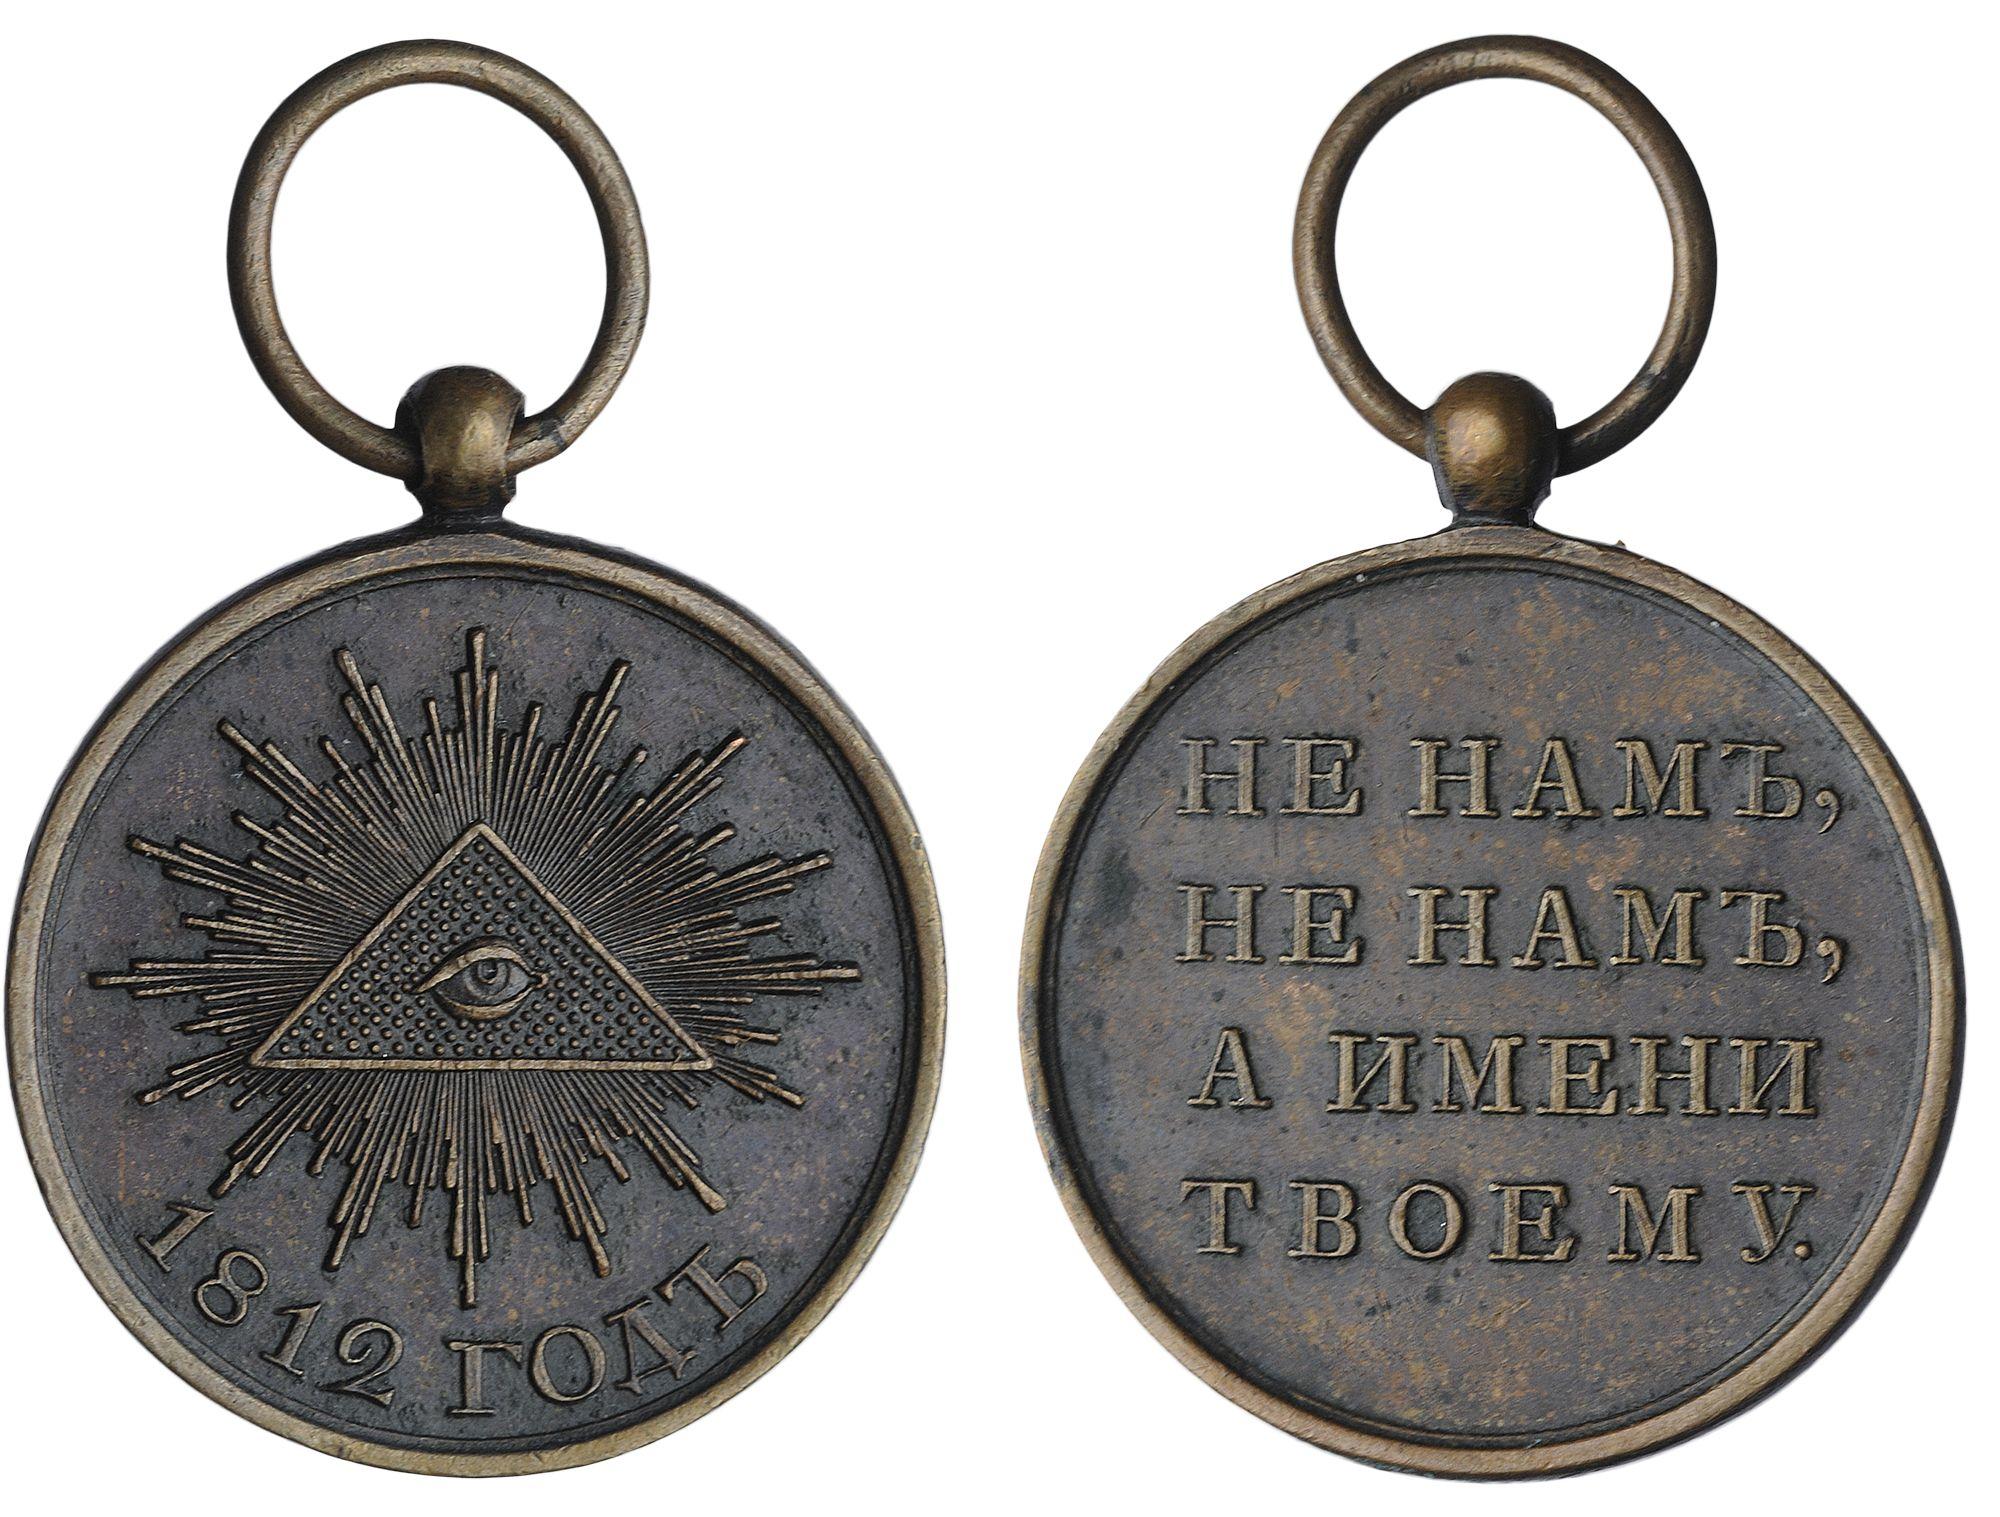 Наградная медаль «В память Отечественной войны 1812 г.»